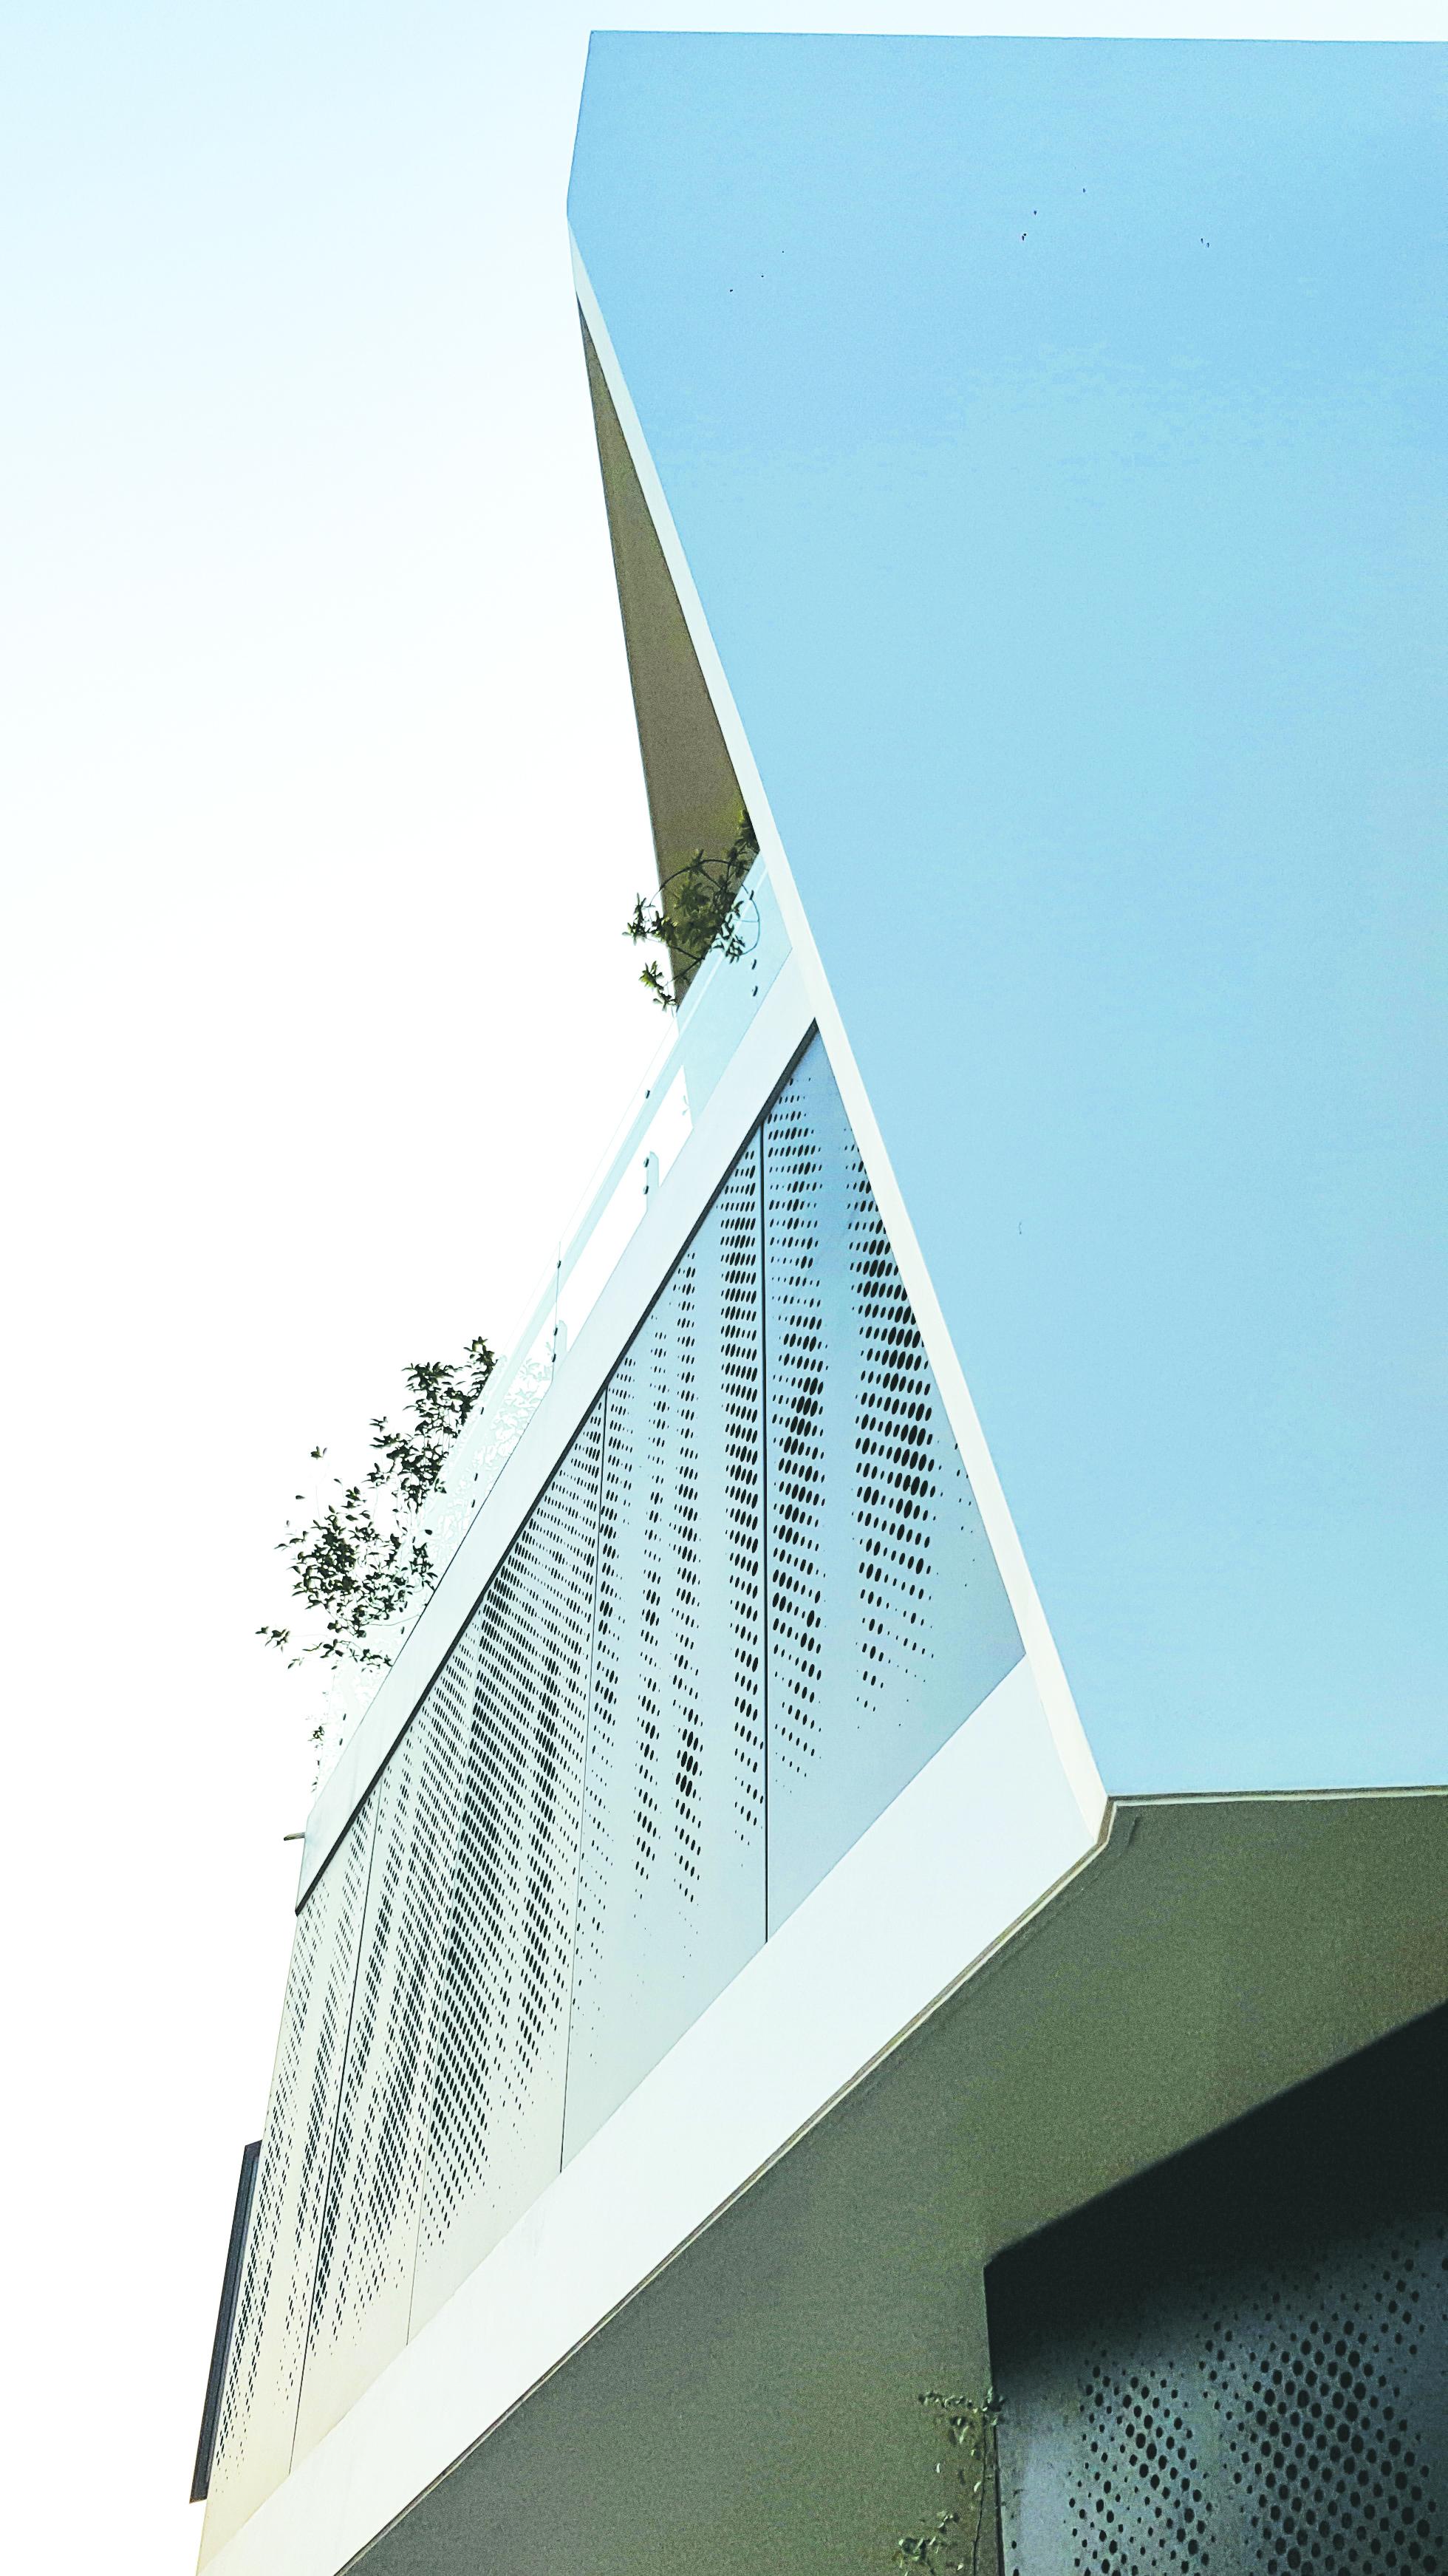 Góc chéo của căn nhà